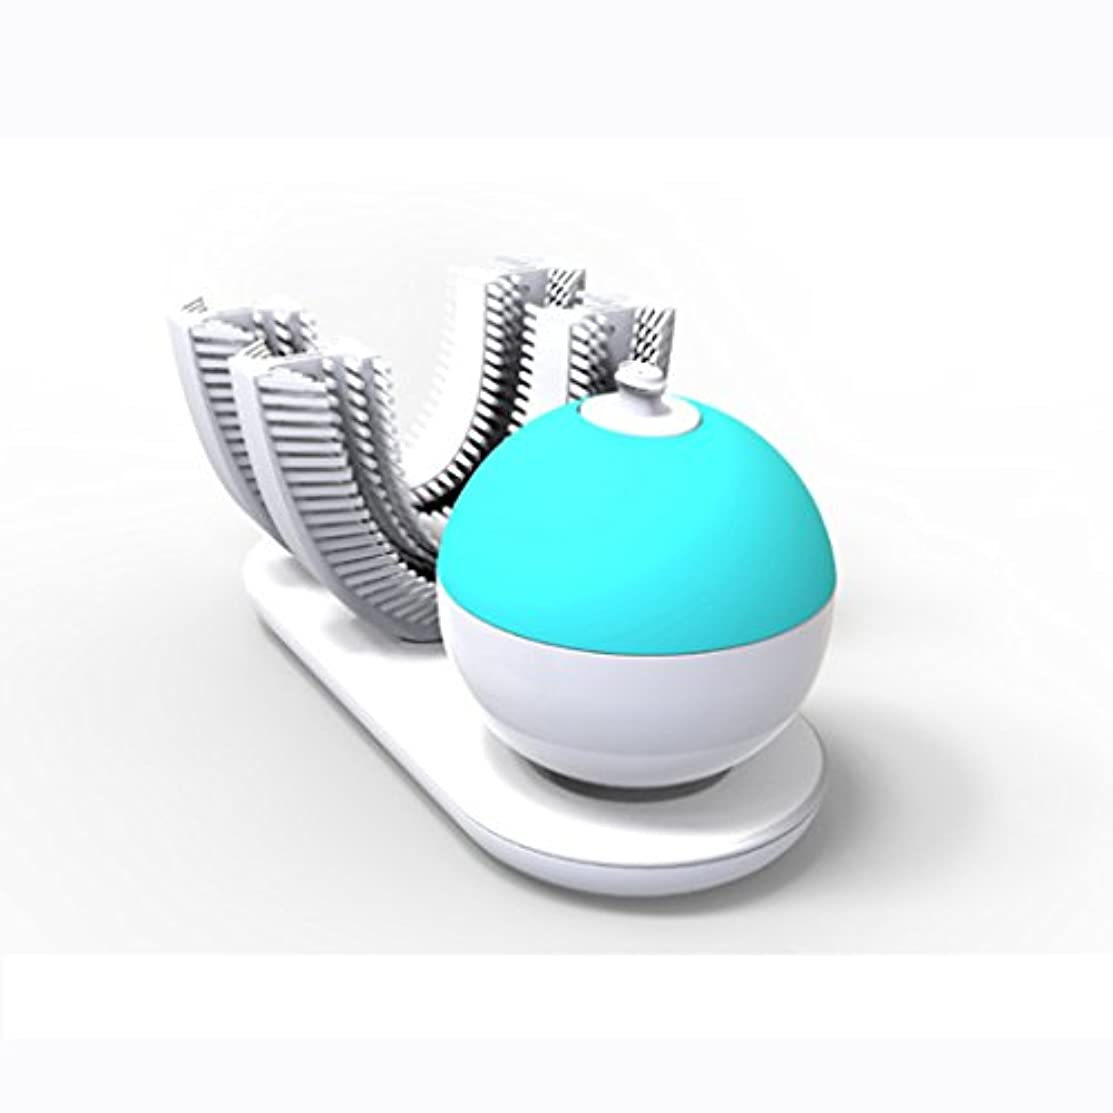 心理的直感シチリア電動歯ブラシ、完全に包まれた自動レイジーブラッシングアーティファクト、スマートシリコン電動歯ブラシ、歯茎を傷つけることなく歯をきれいにする360°